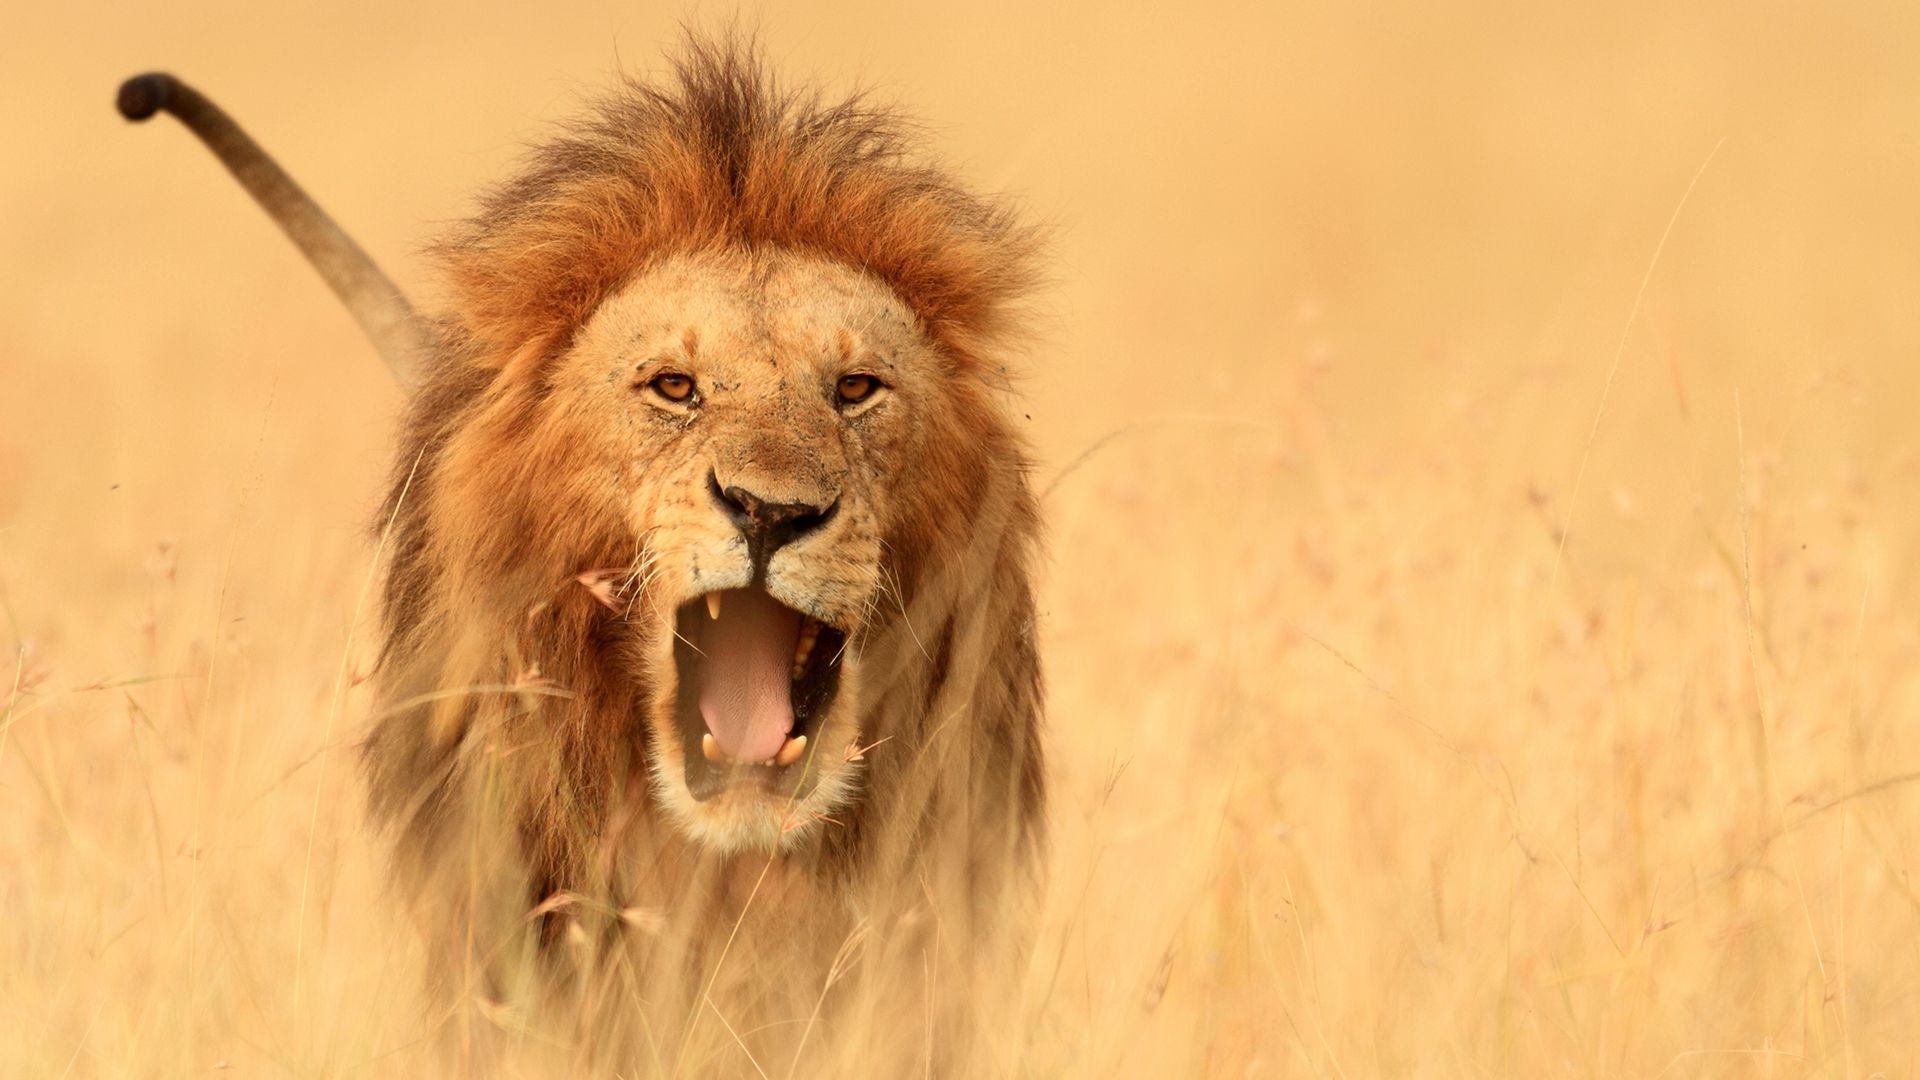 Álhír, hogy Oroszországban oroszlánokkal tartják otthon az embereket